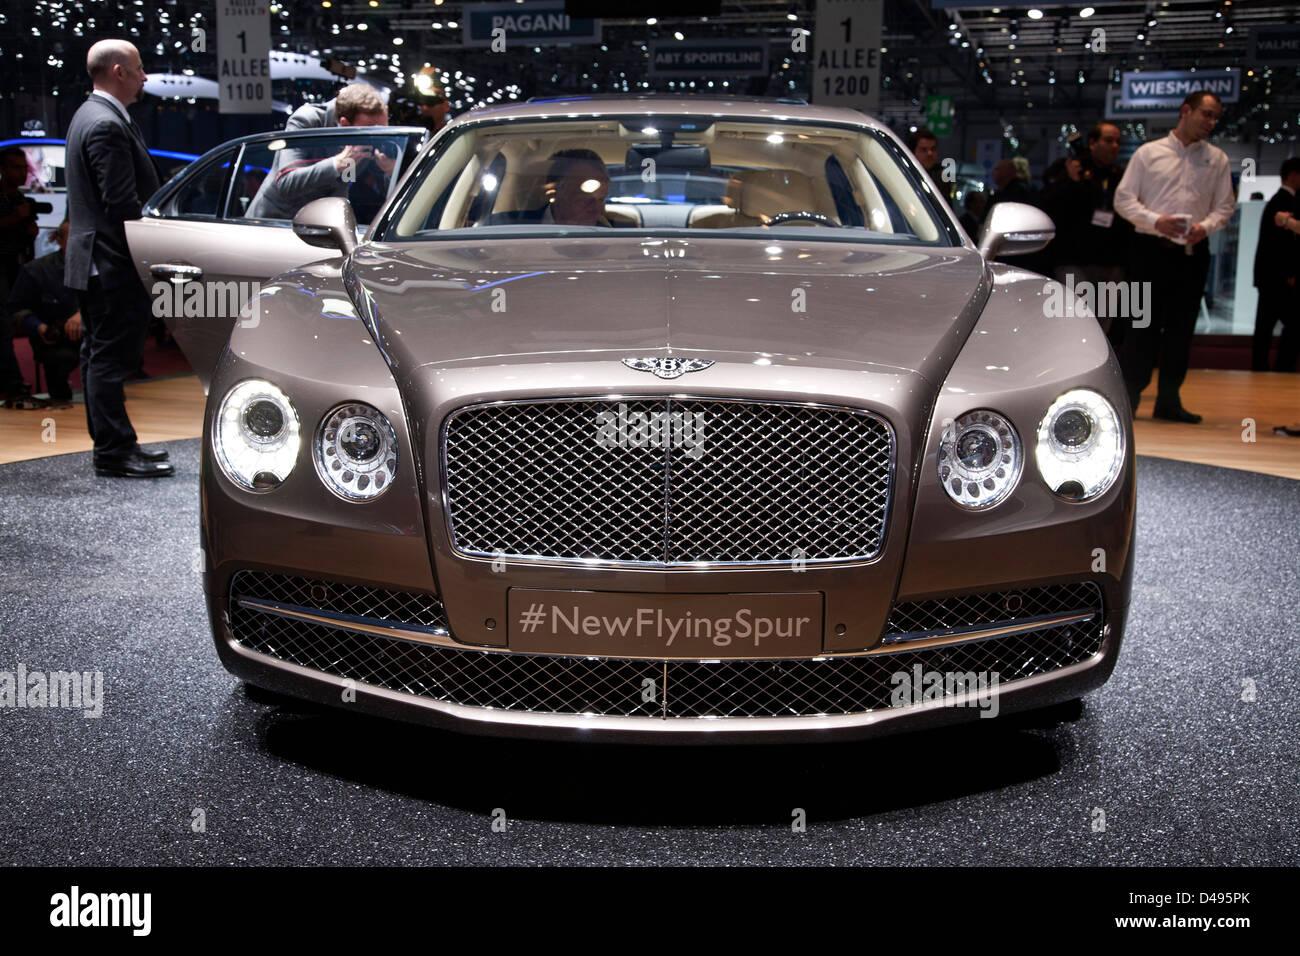 Bentley Flying Spur. Geneva Motor Show 2013 - Stock Image